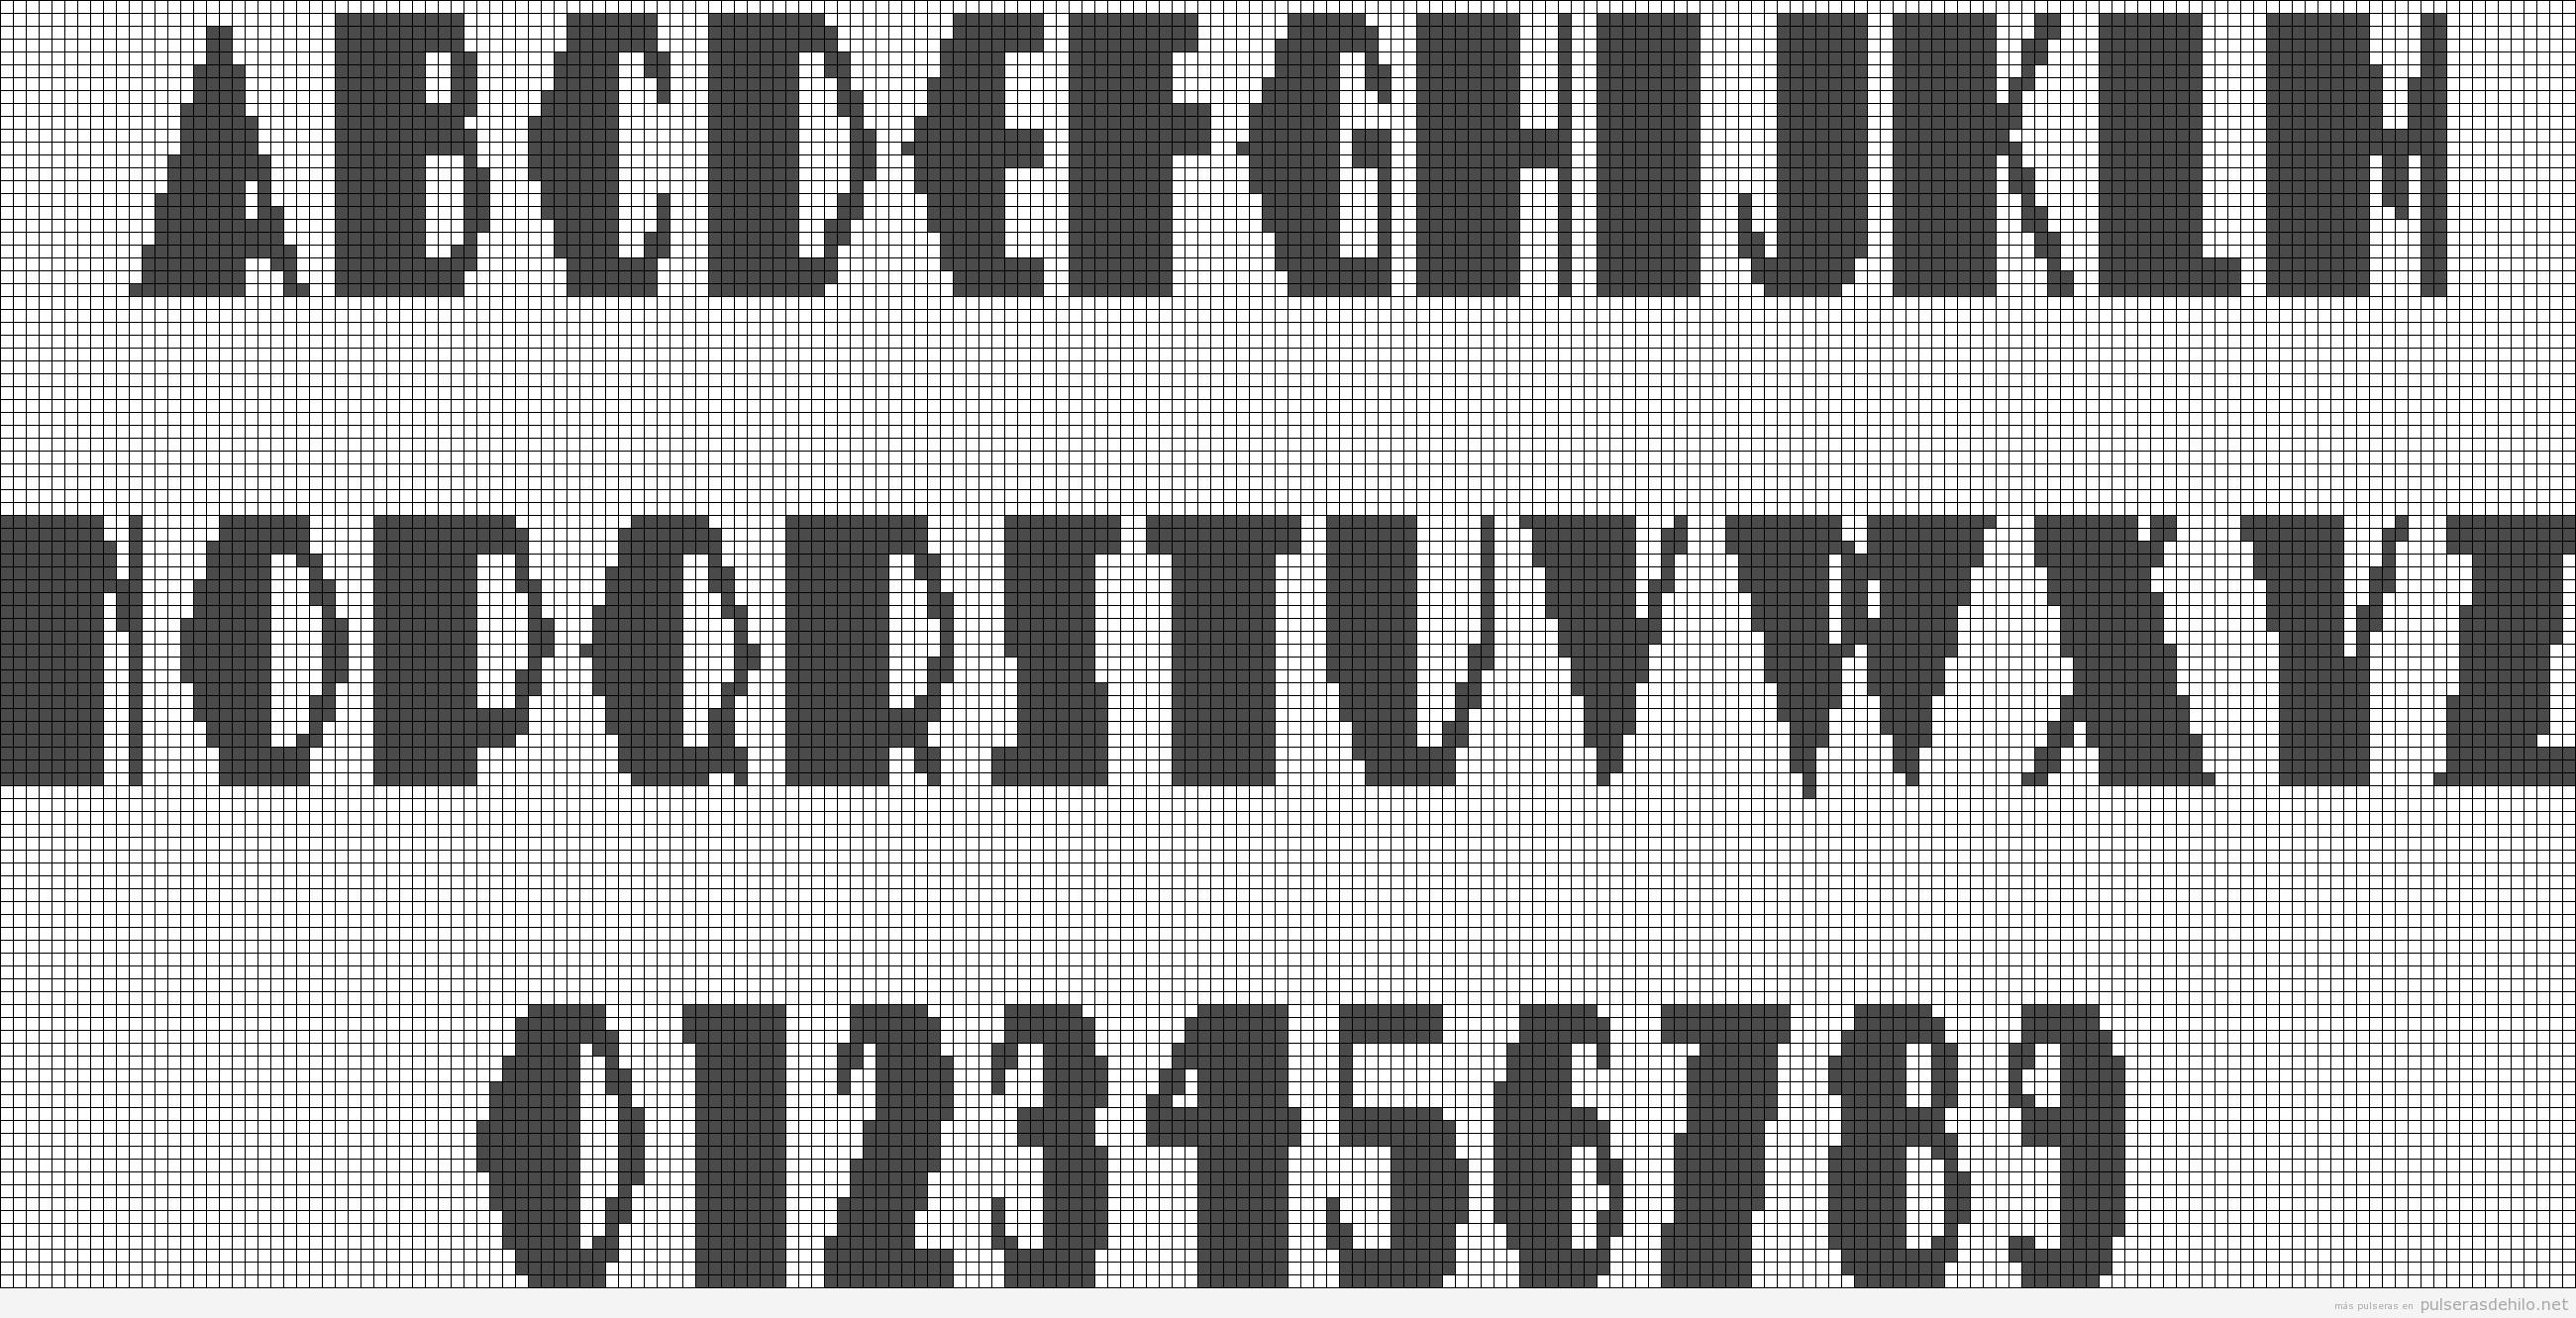 Plantillas alpha alfabeto para hacer pulsera de hilo con nombres 2